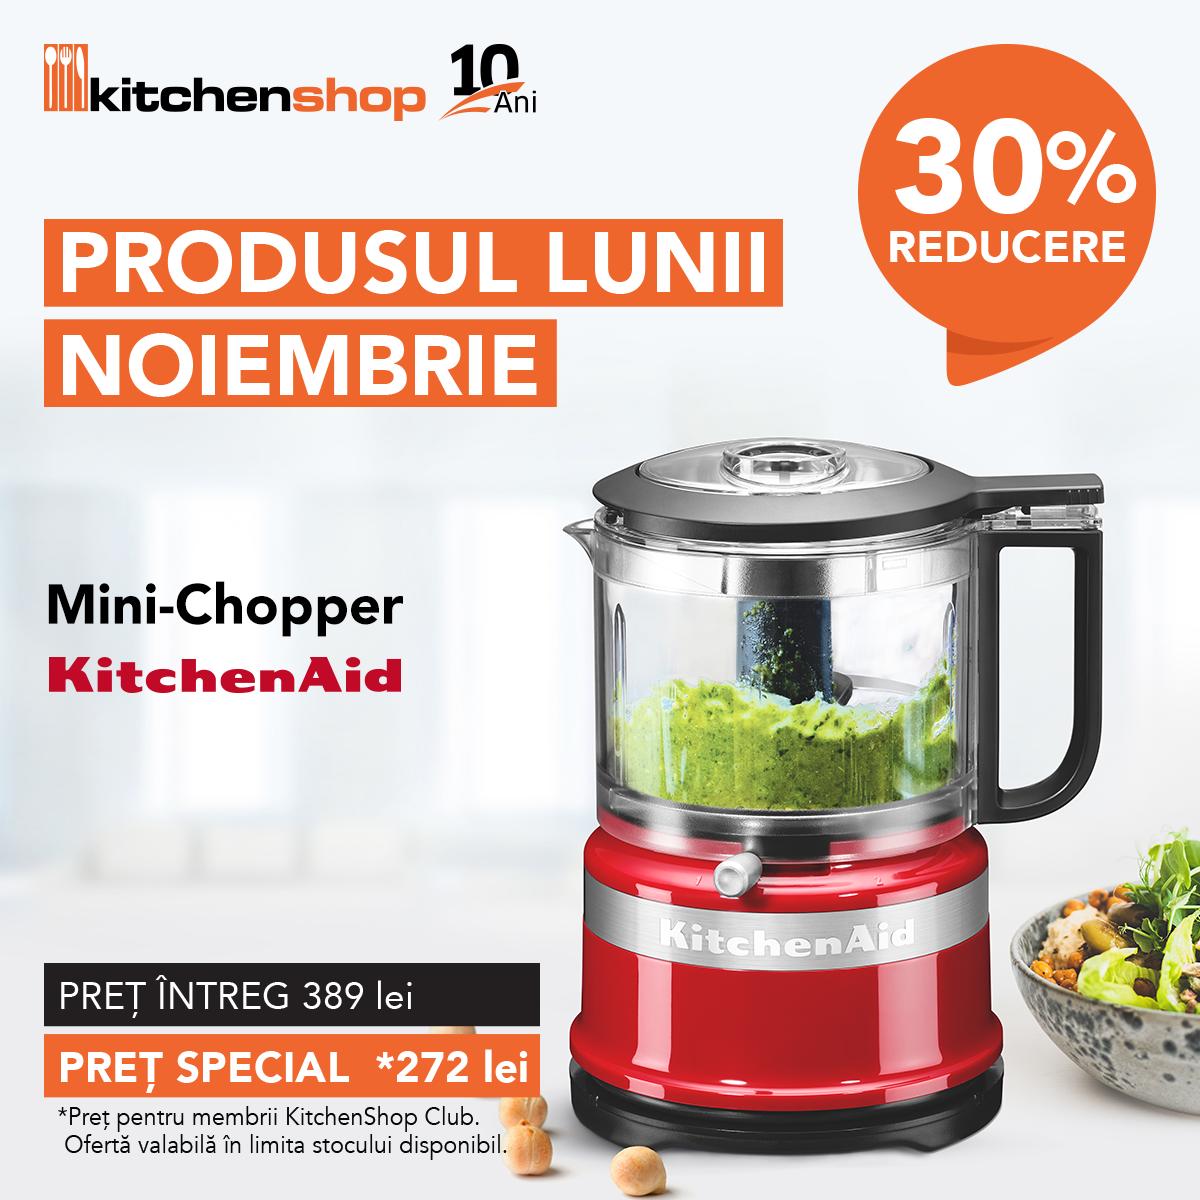 NOIEMBRIE---KitchenAid-in-magazinele-kitchen-shop